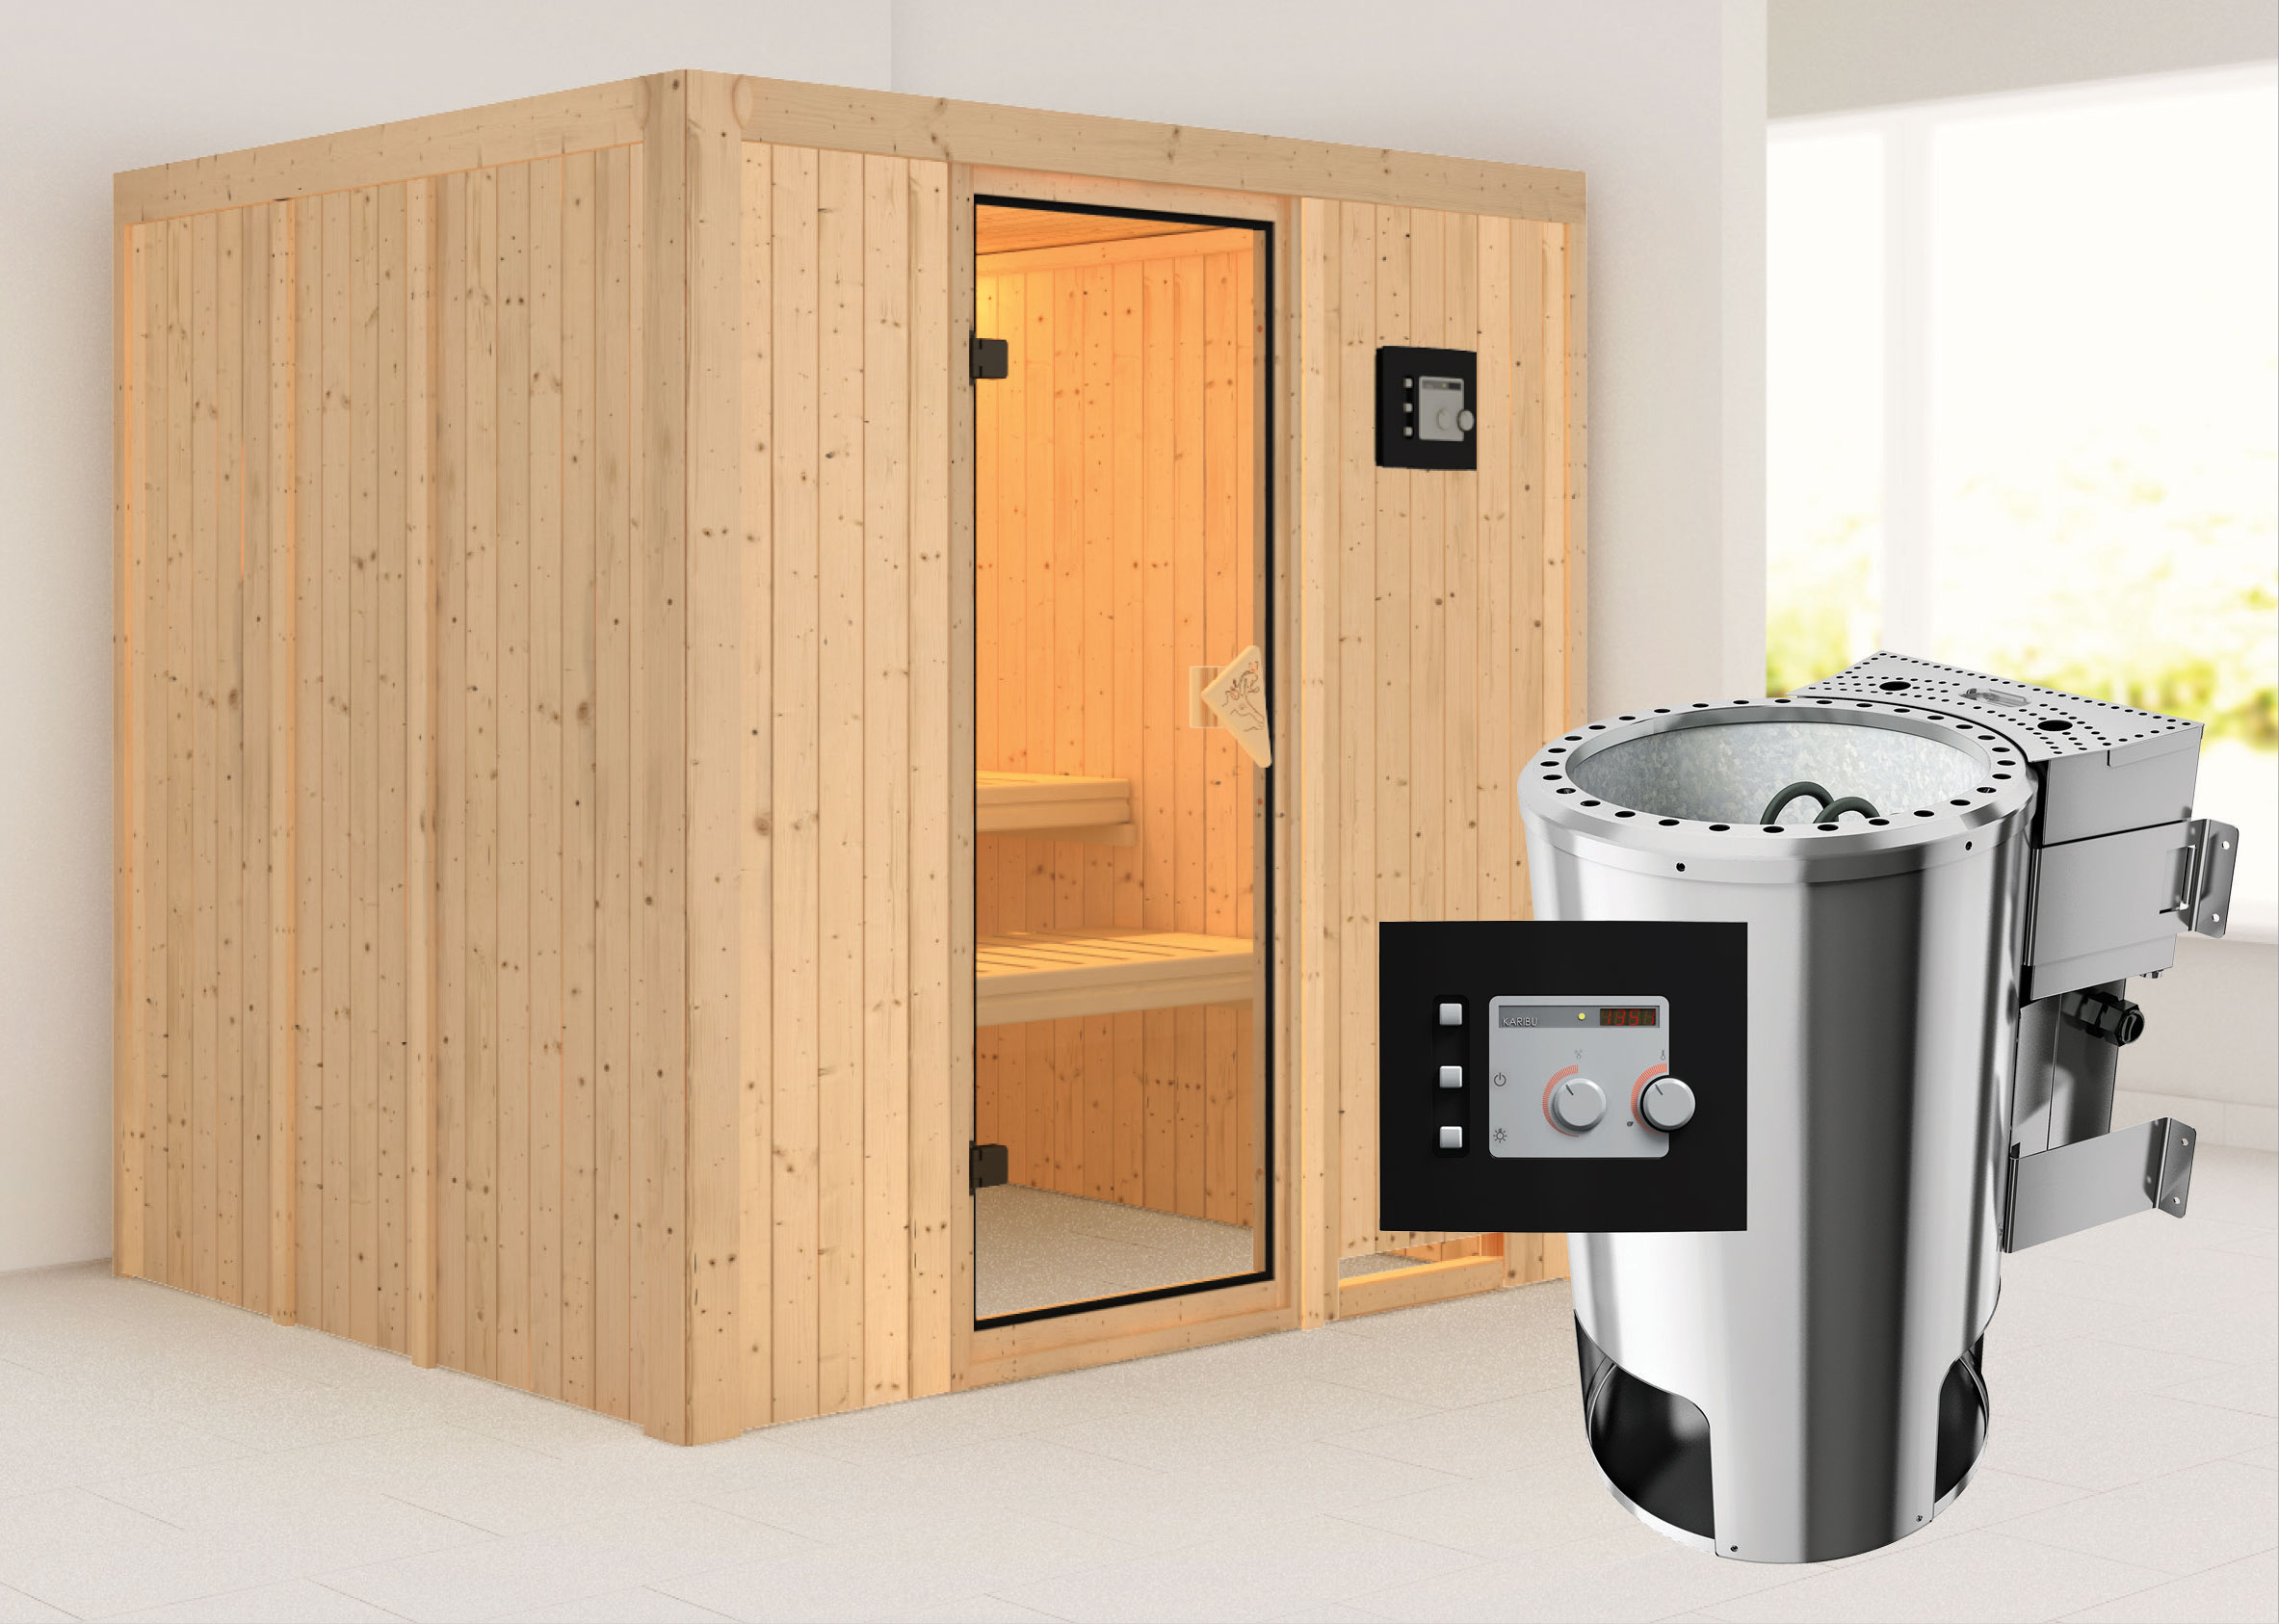 Karibu Sauna Daria 68mm 230V mit Bio Ofen 3,6kW extern classic Tür Bild 1